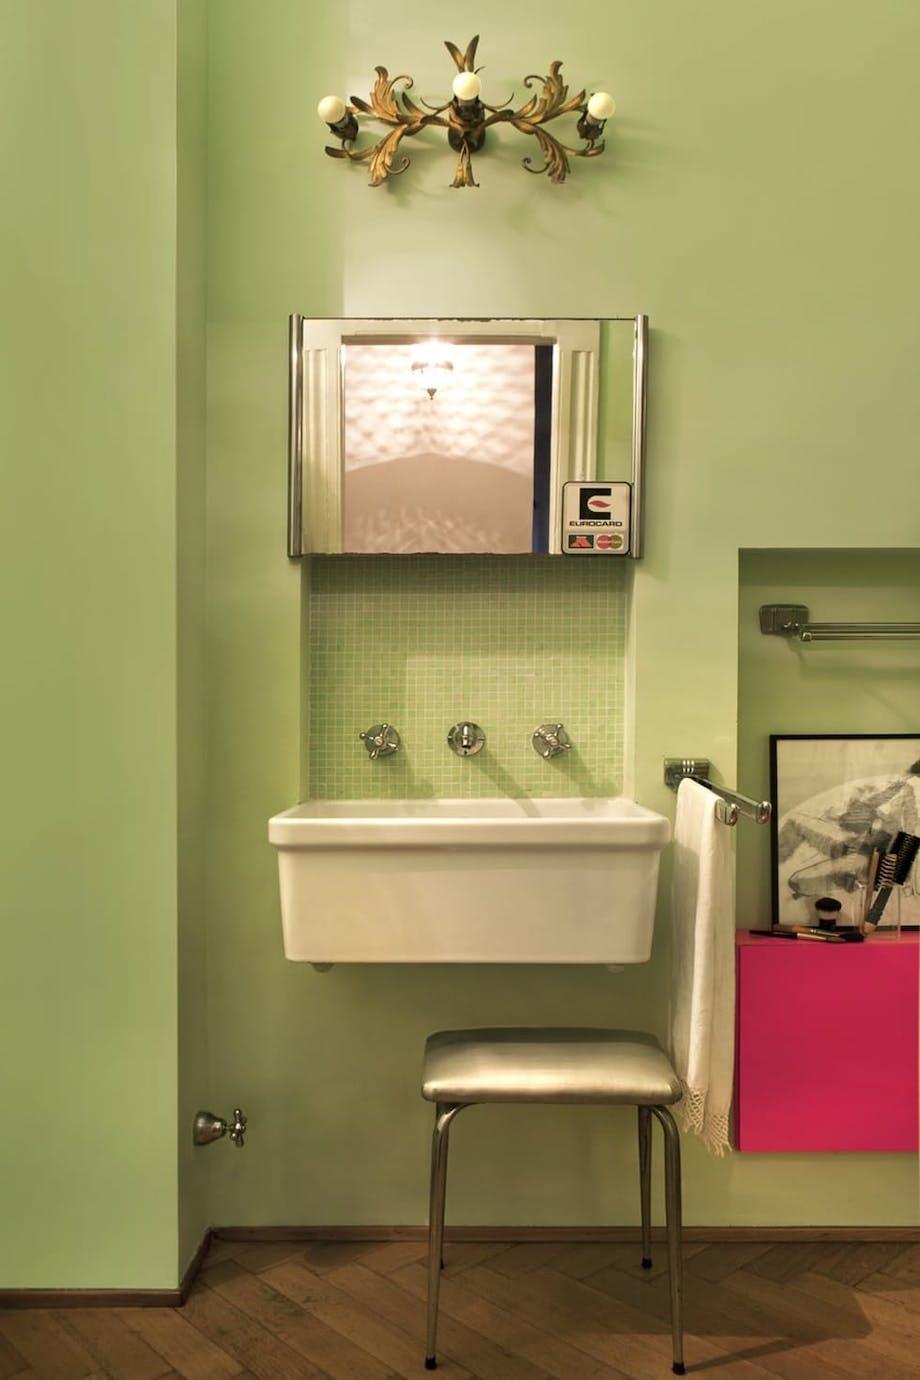 Mal veggene på badet!